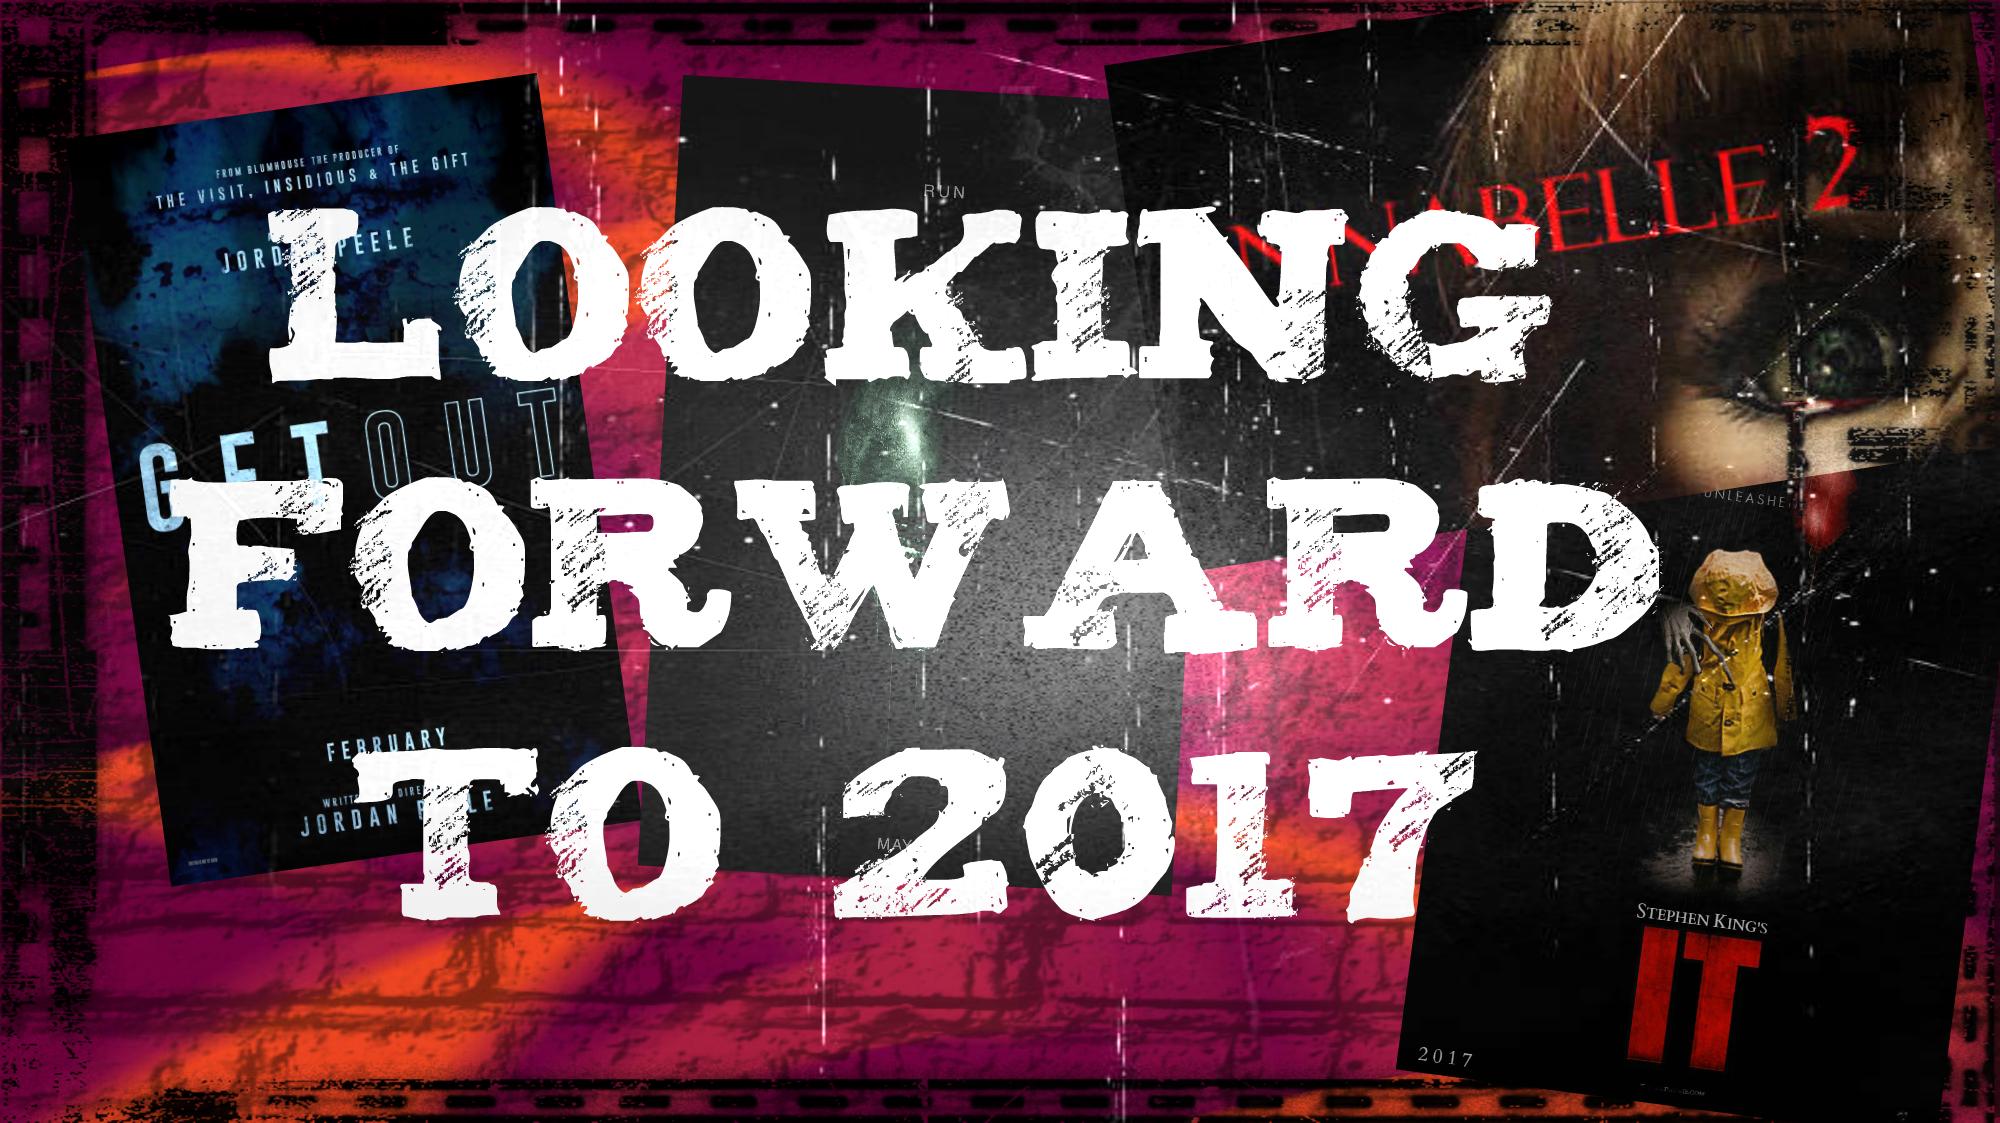 Upcoming 2017